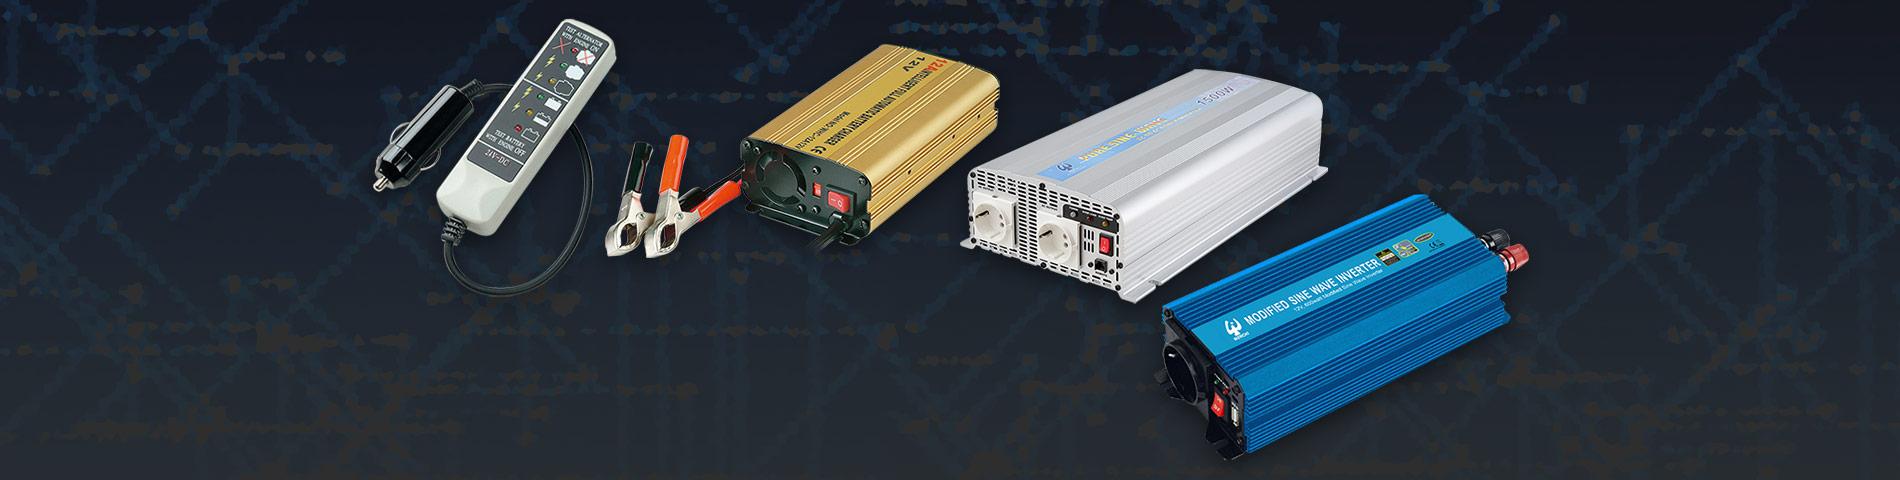 專業OEM 車用能源電子產品 製造商